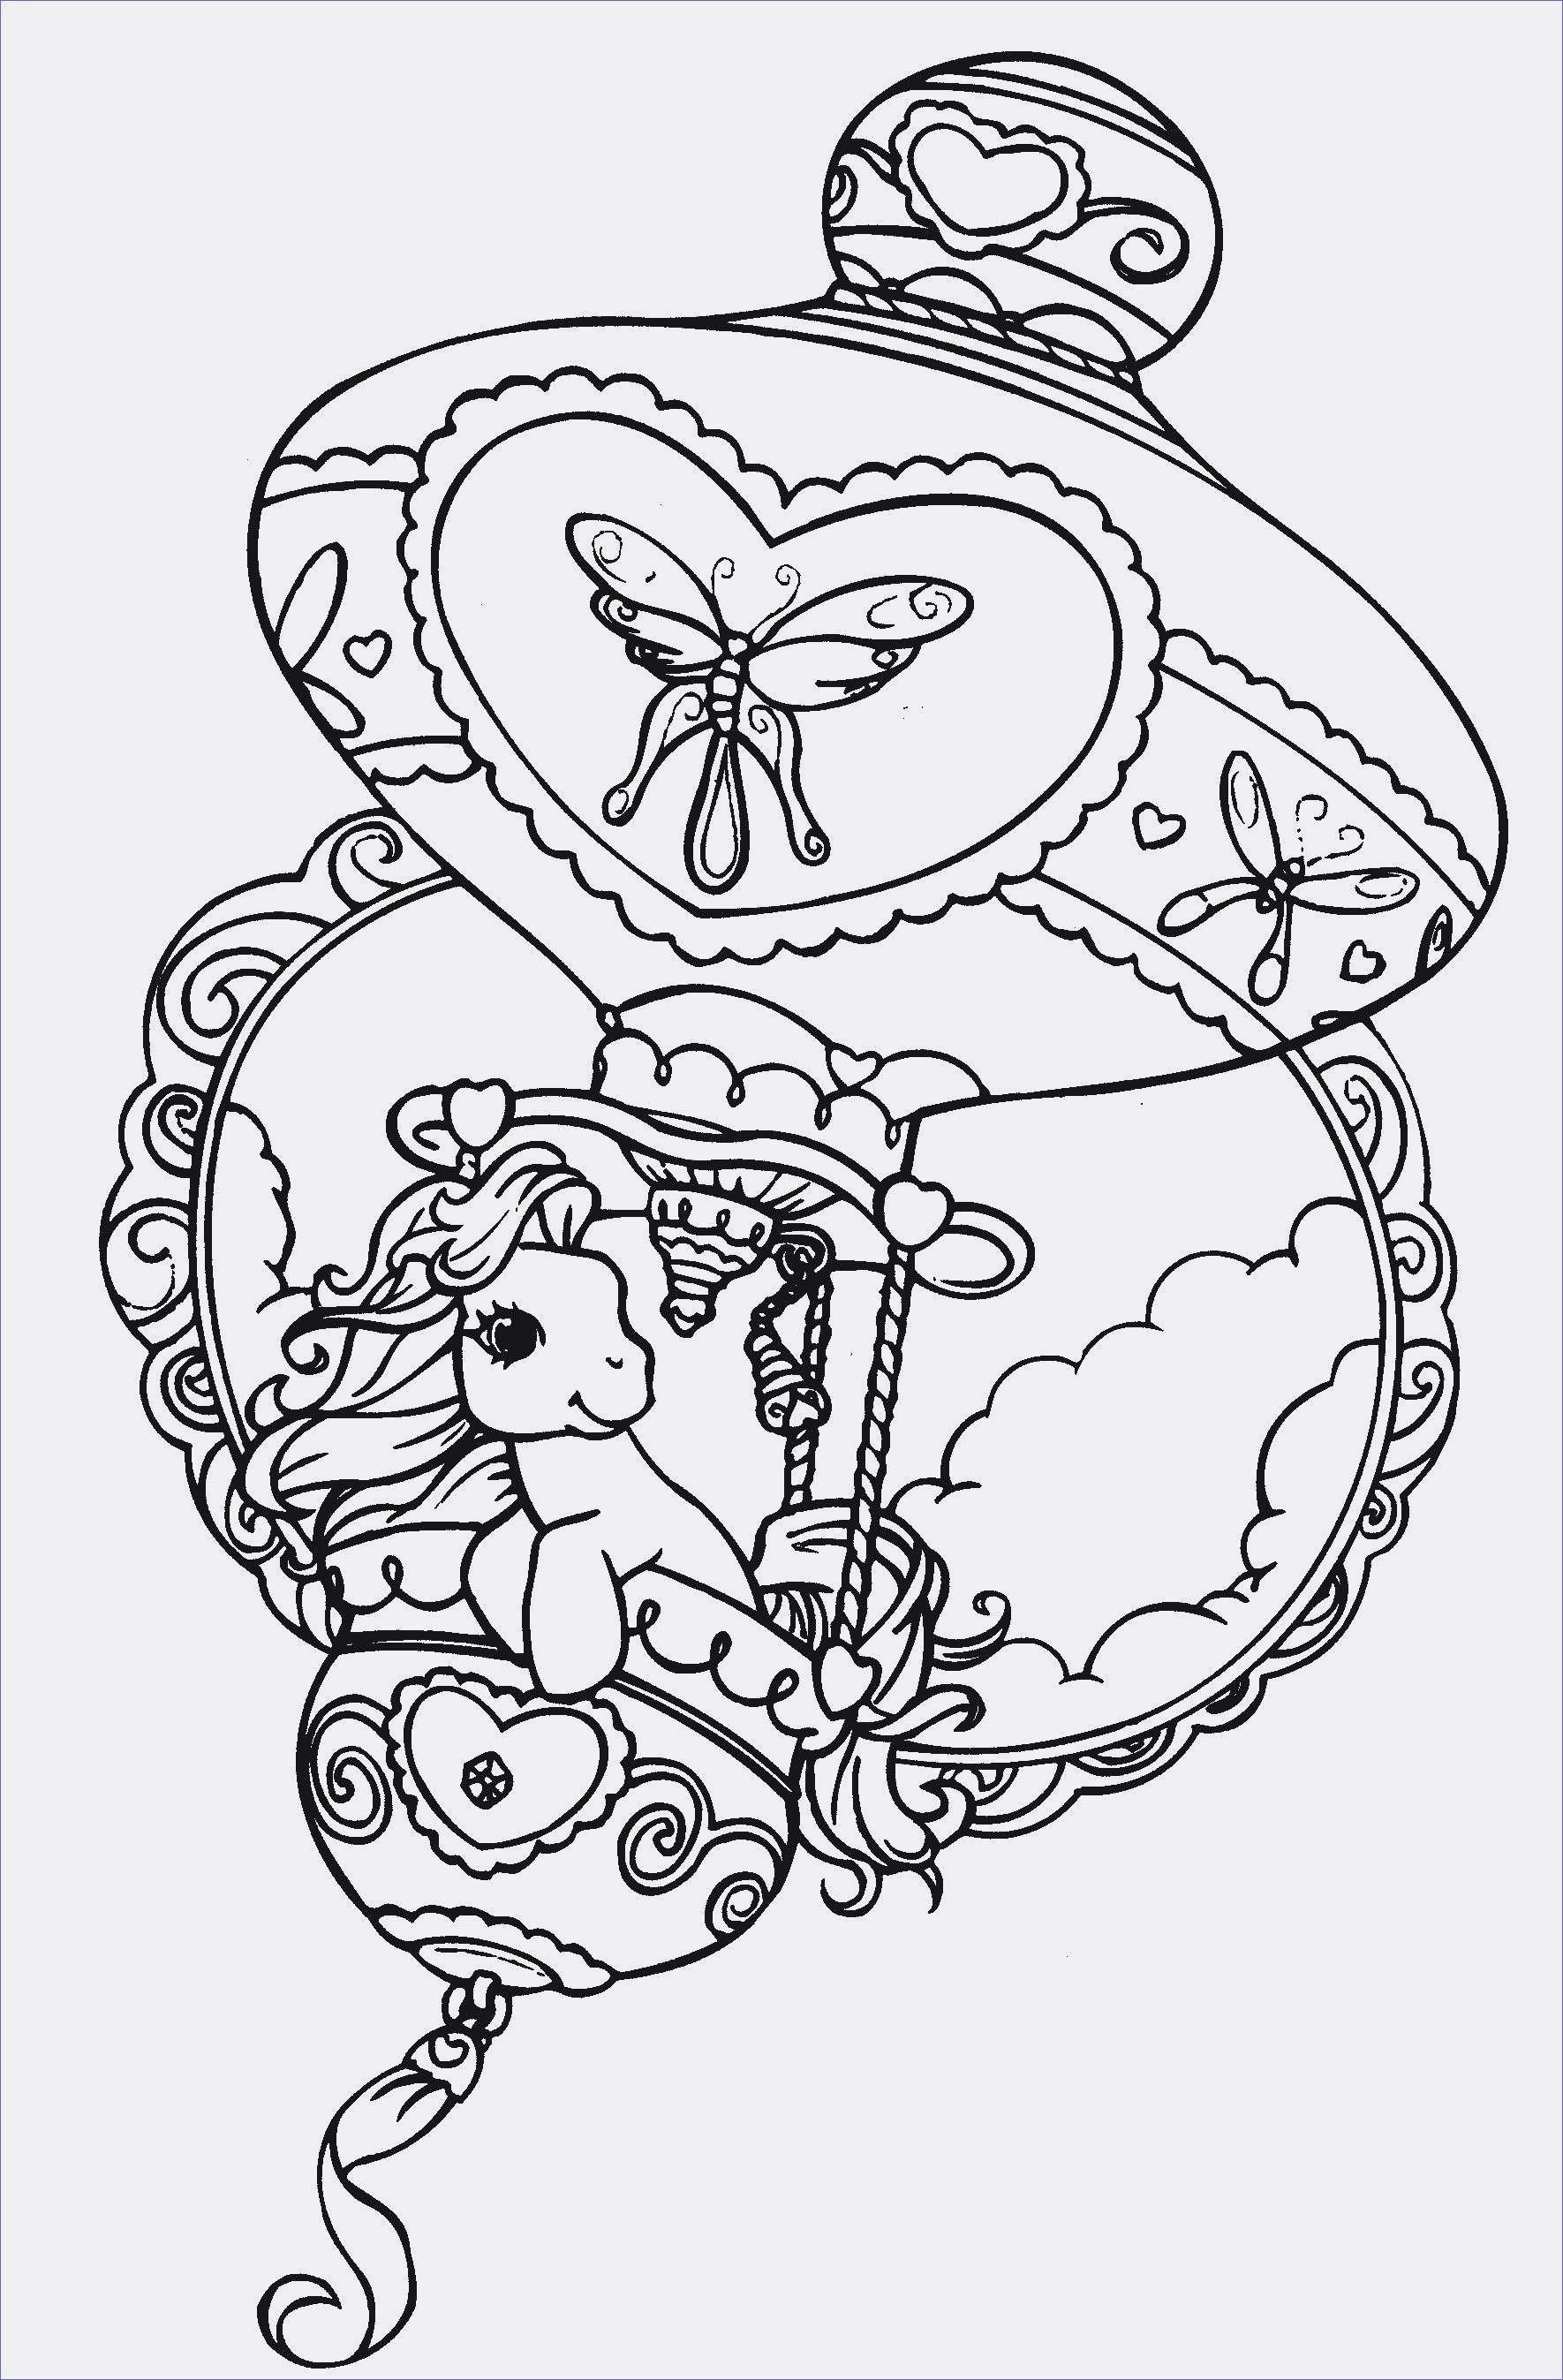 My Little Pony Ausmalbilder Kostenlos Genial Ausmalbilder Kostenlos Beispielbilder Färben My Little Pony Princess Stock